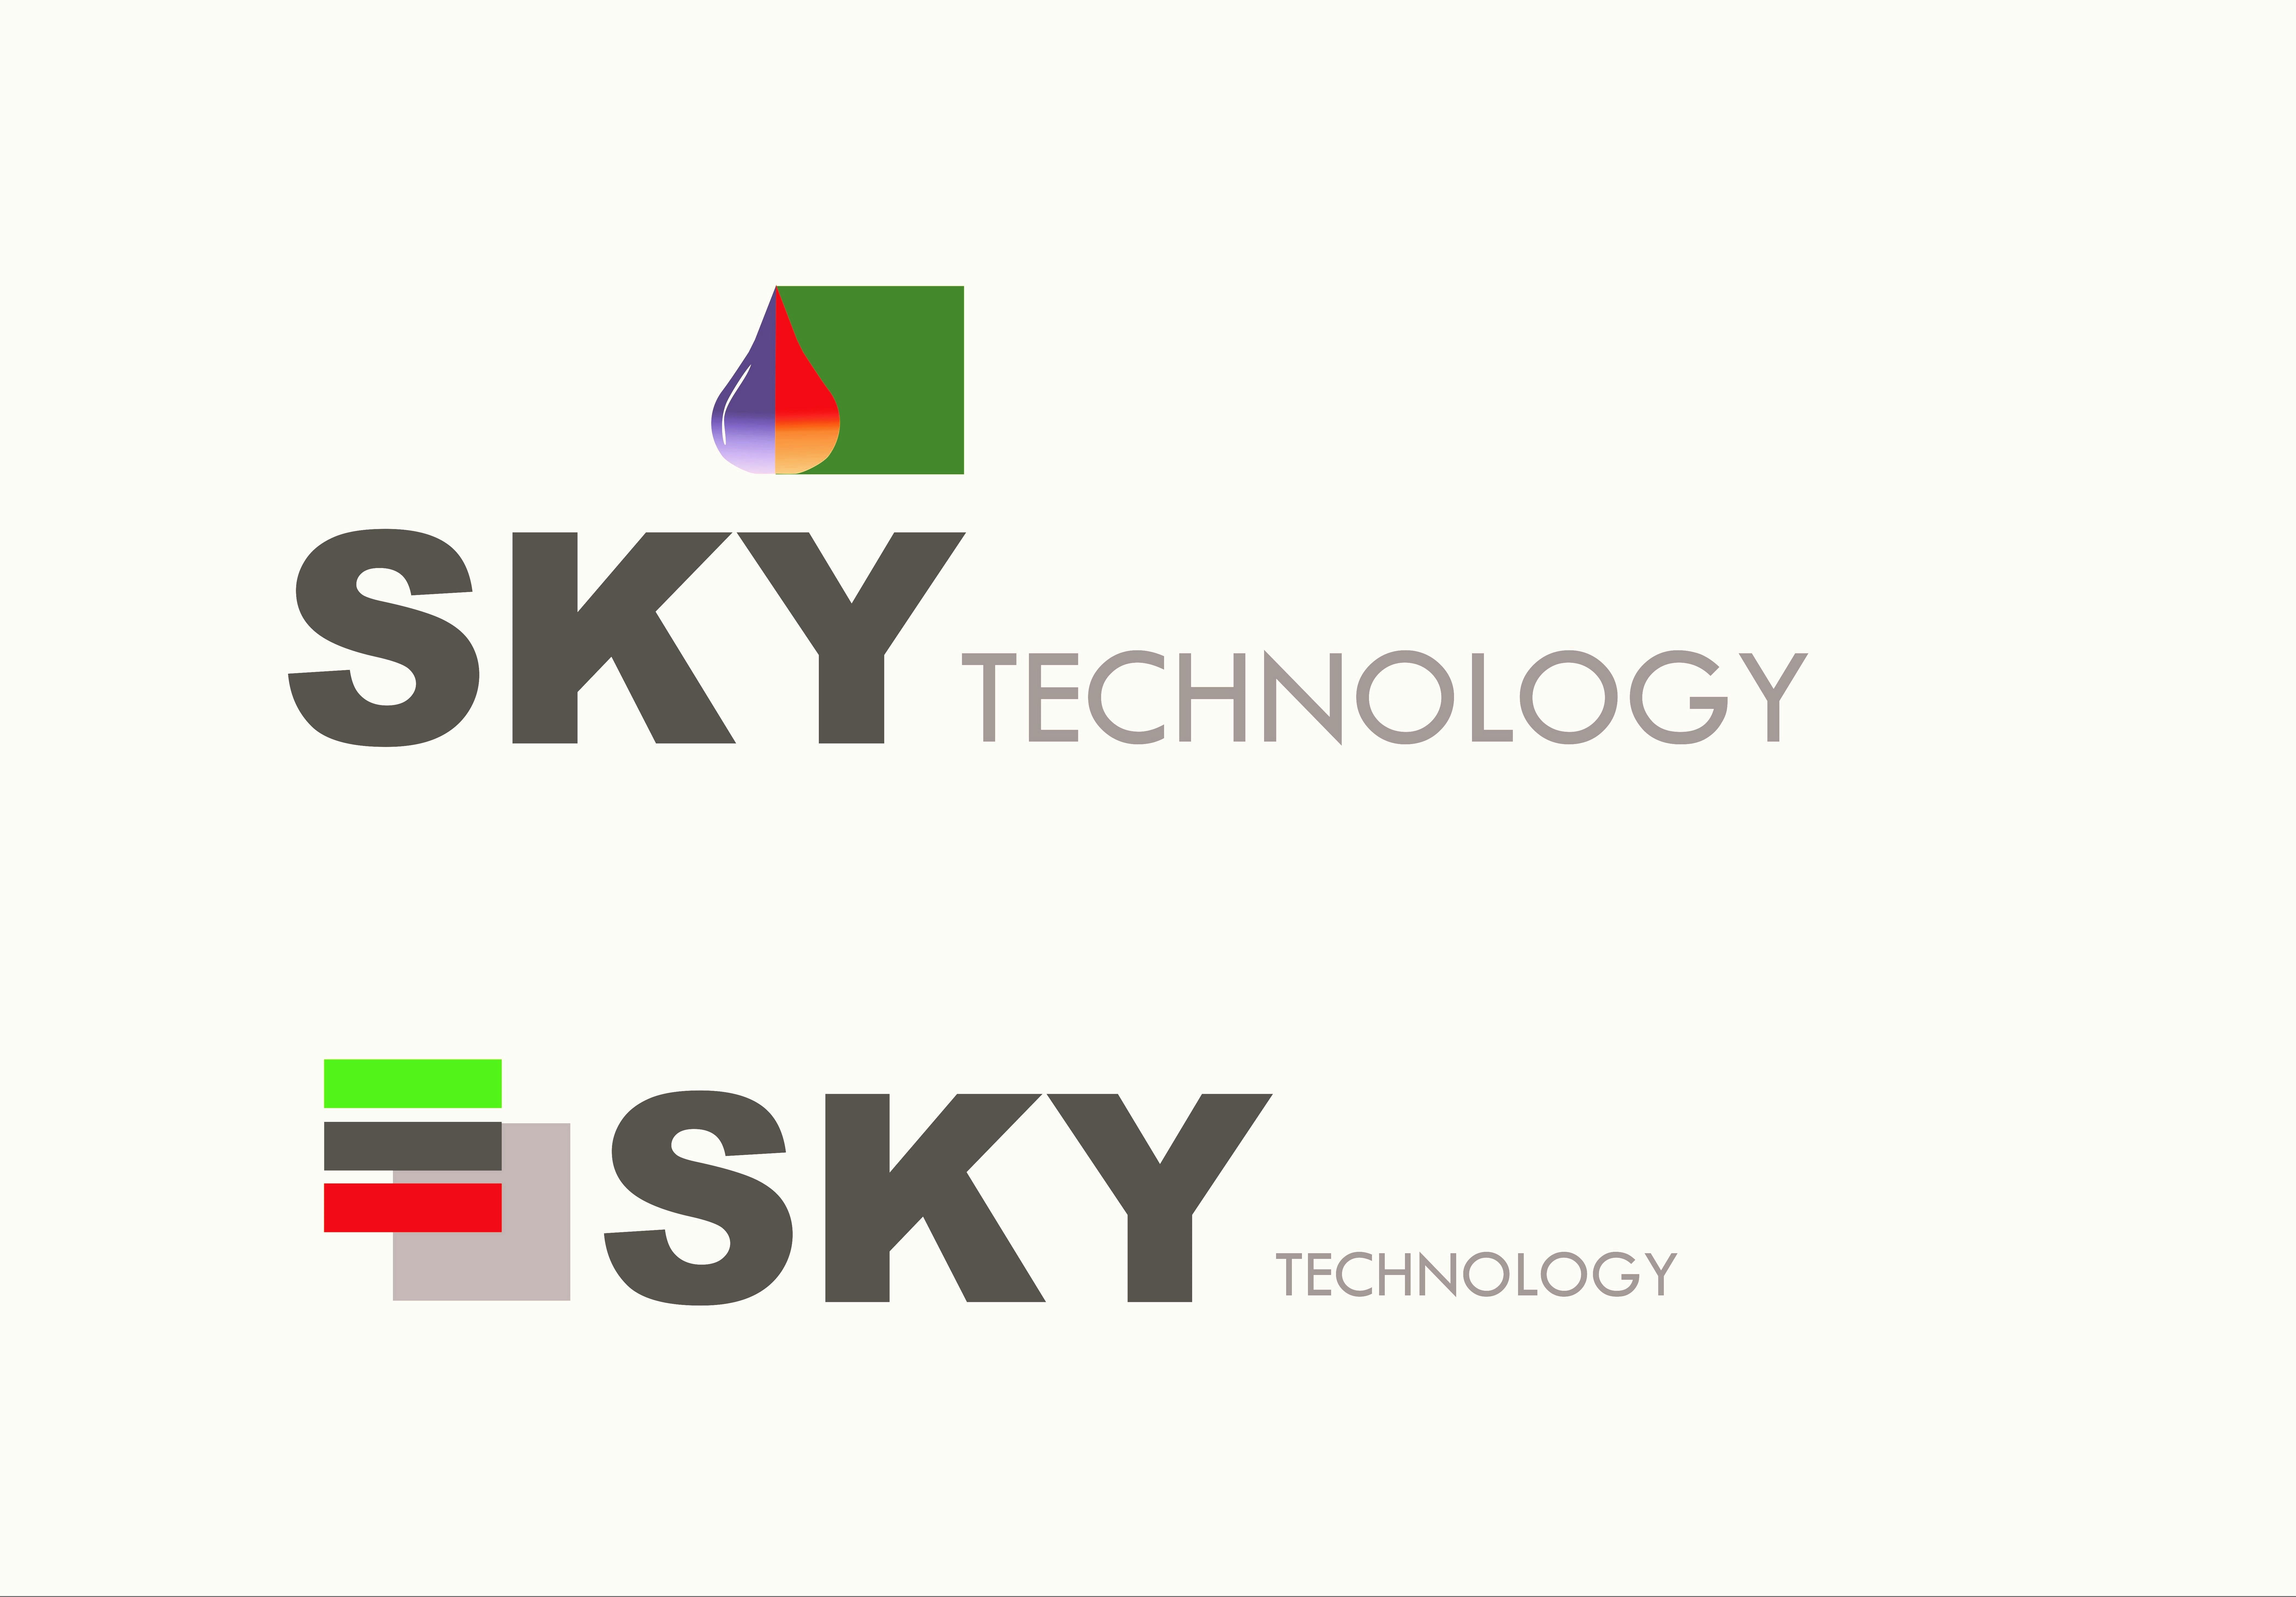 Новый логотип для производственной компании фото f_4645a8735eeb6678.jpg